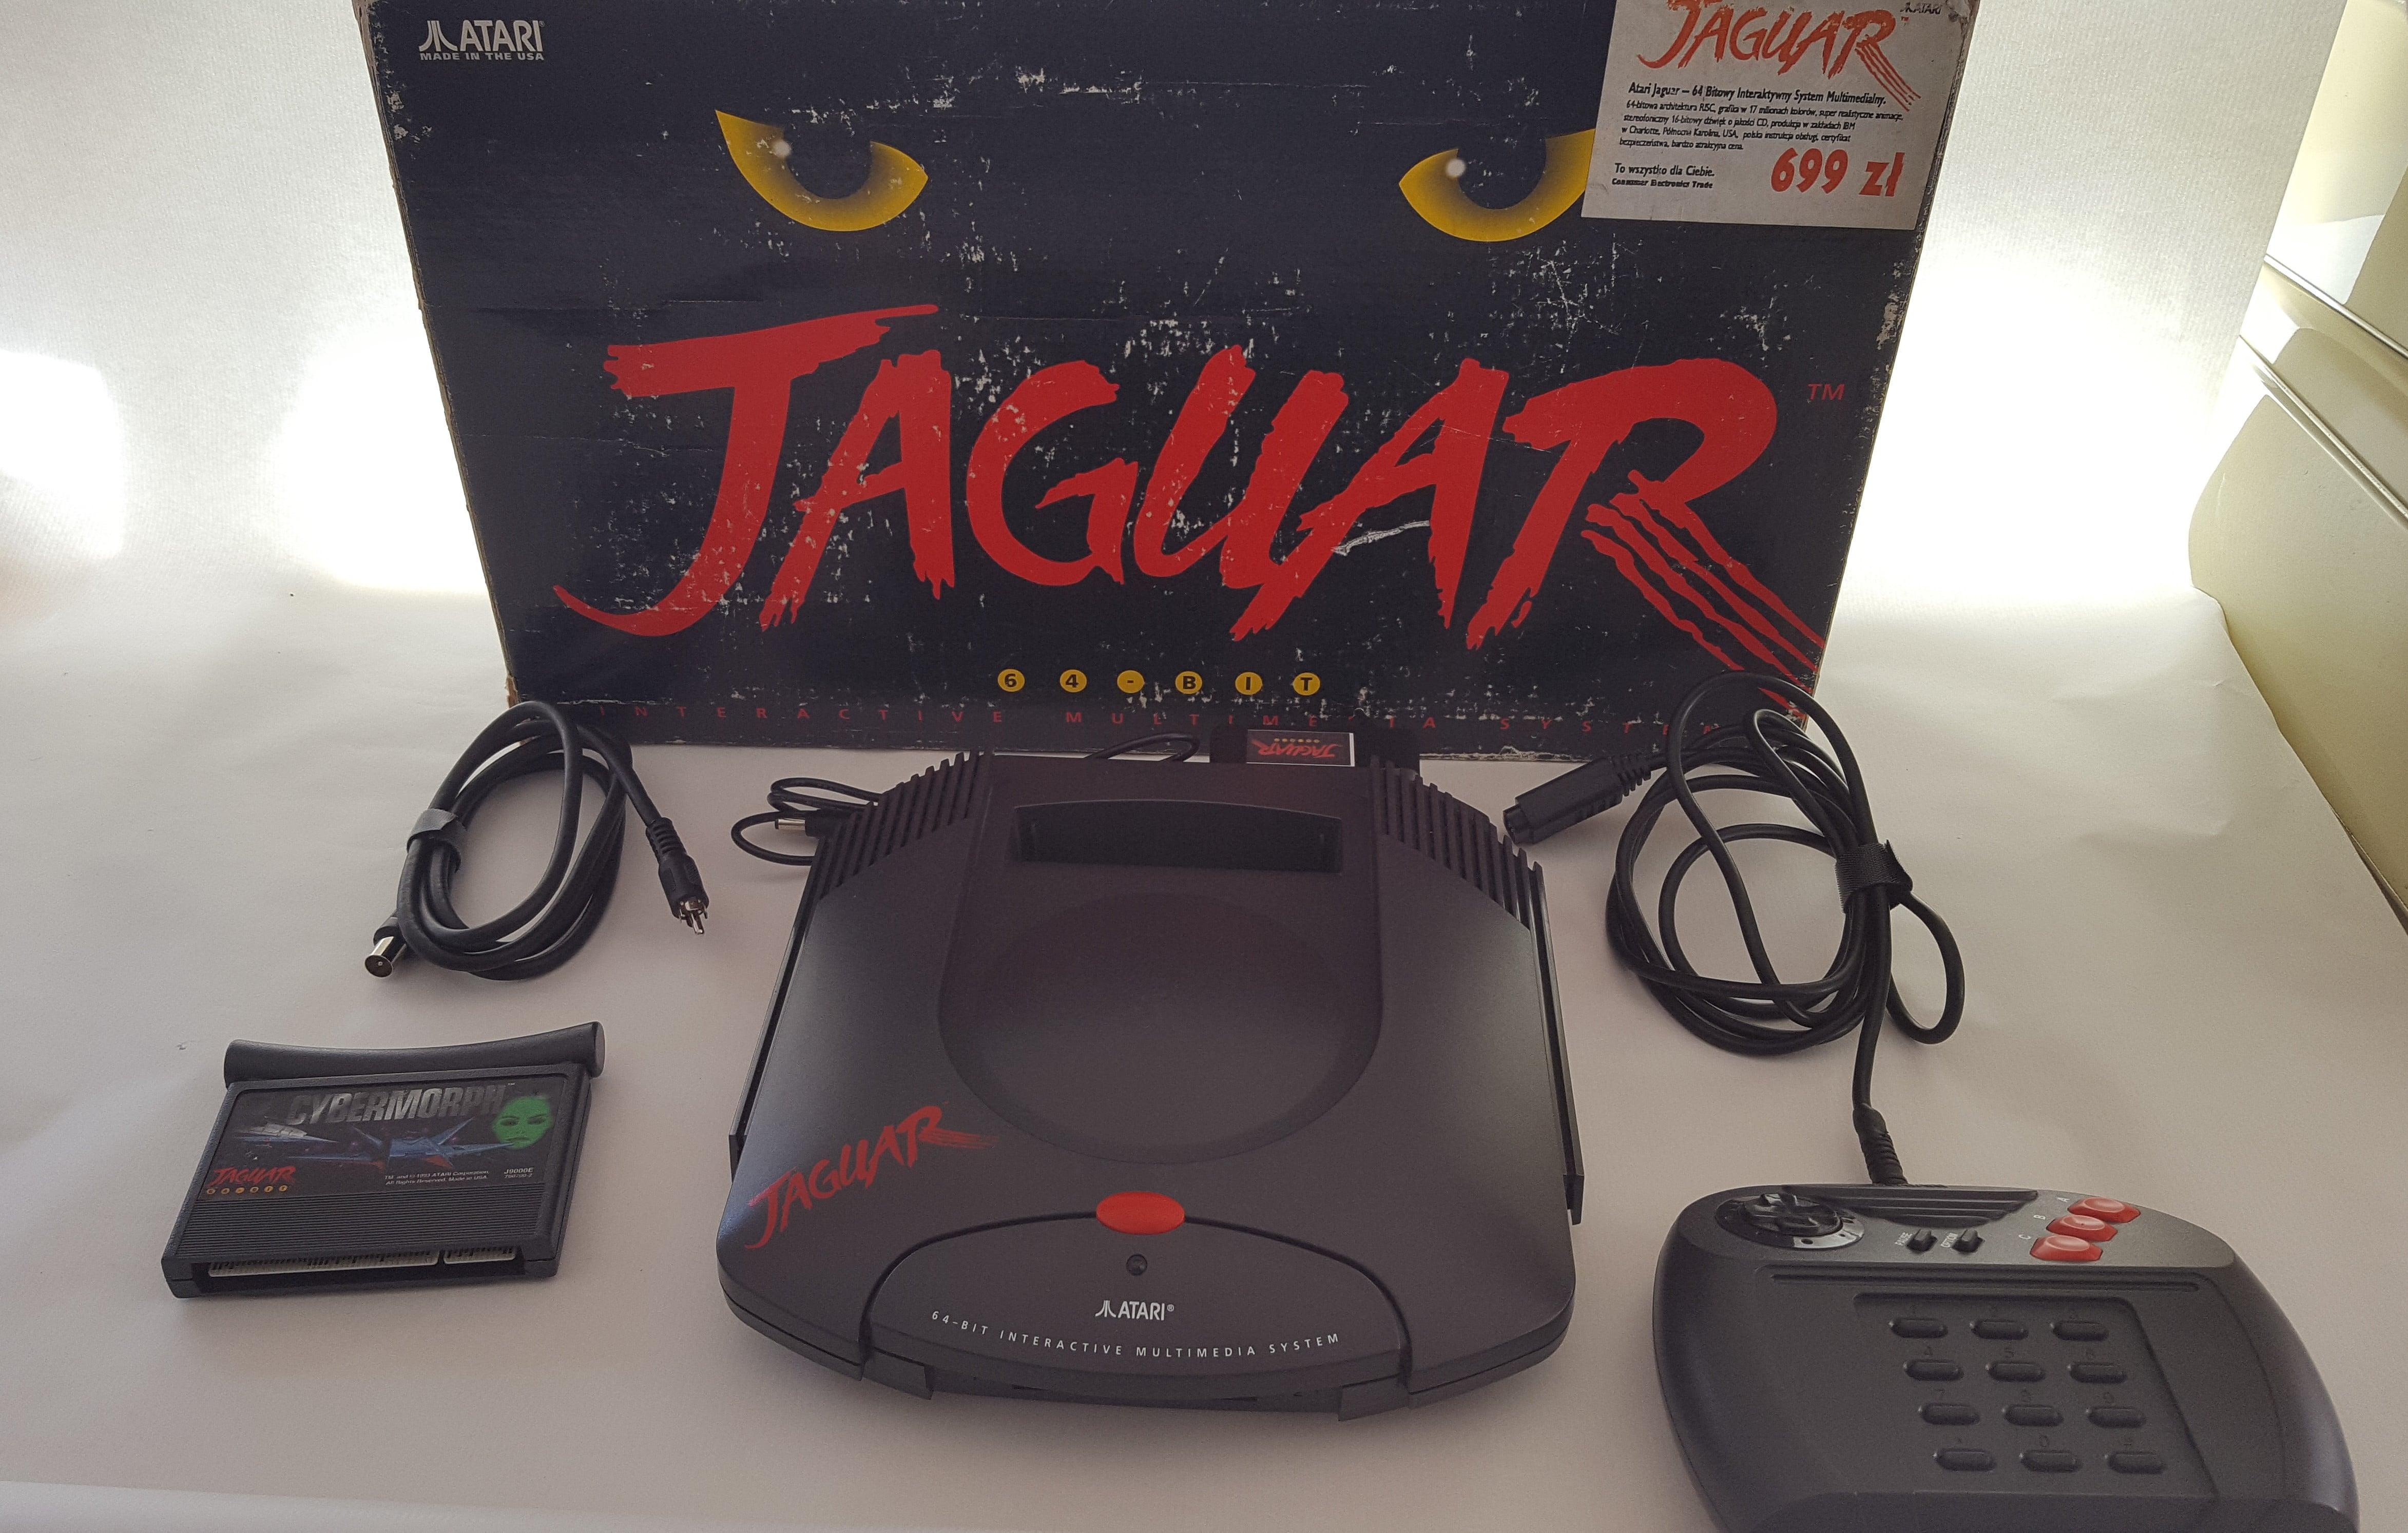 Consola Atari Jaguar Con Mando En Caja Original Y Juego Cybermorph